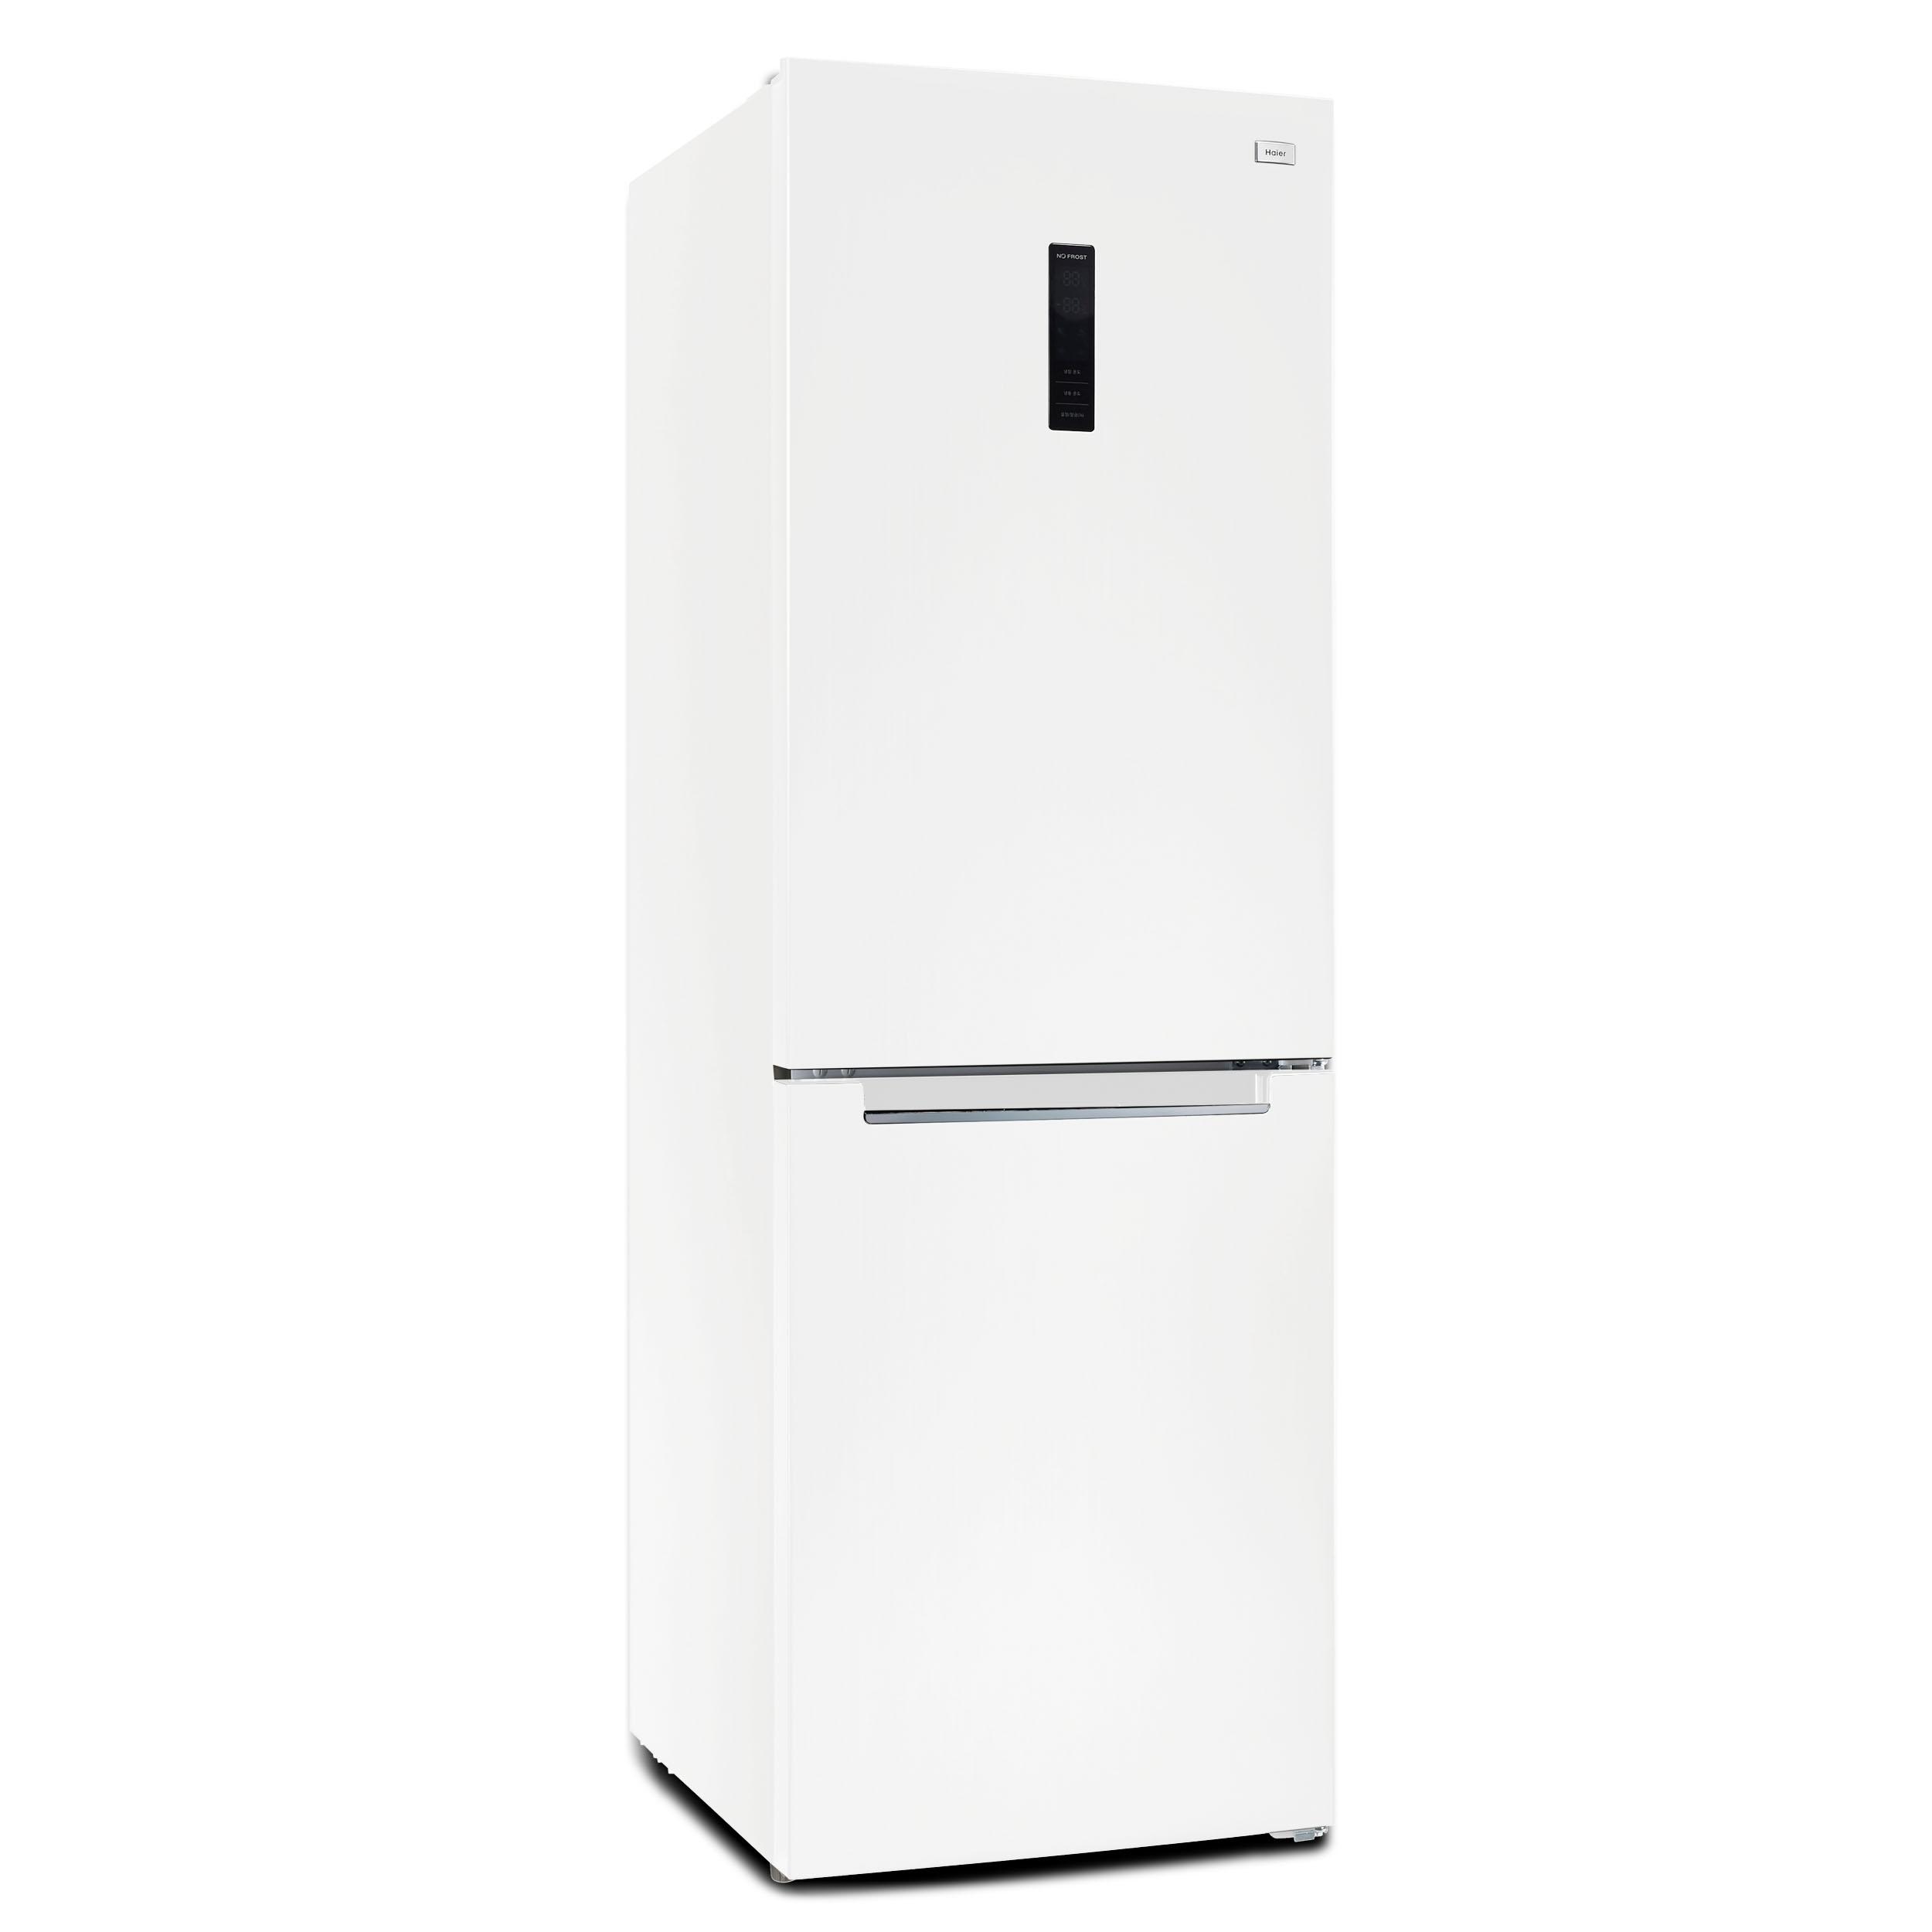 하이얼 스마트콤비 상냉장 하냉동 일반 소형 냉장고 화이트 310L 방문설치, HRB340MNW